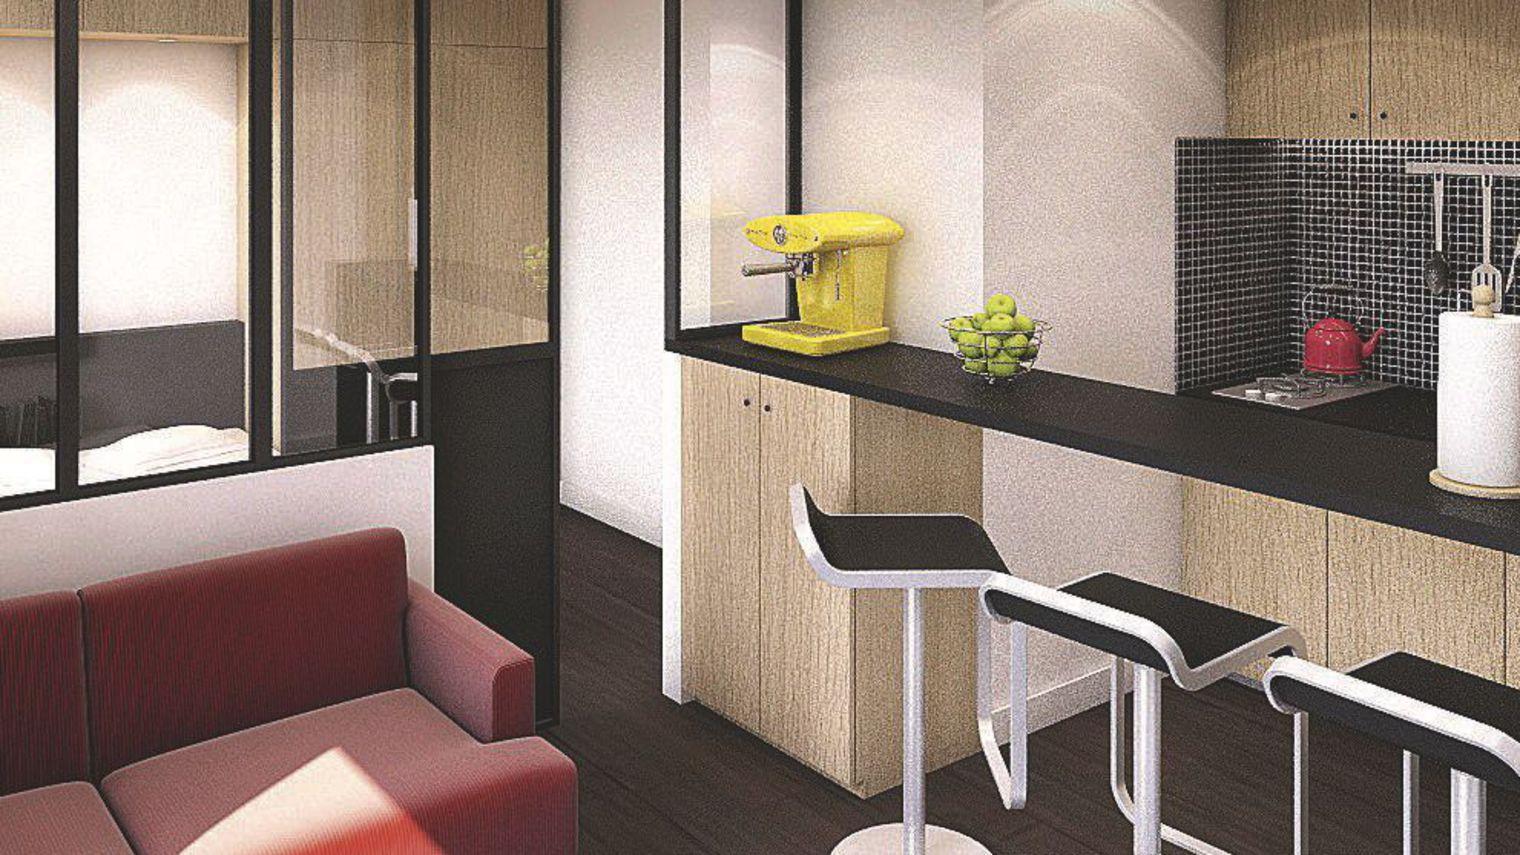 Location appartement Angers : louer pour les vacances